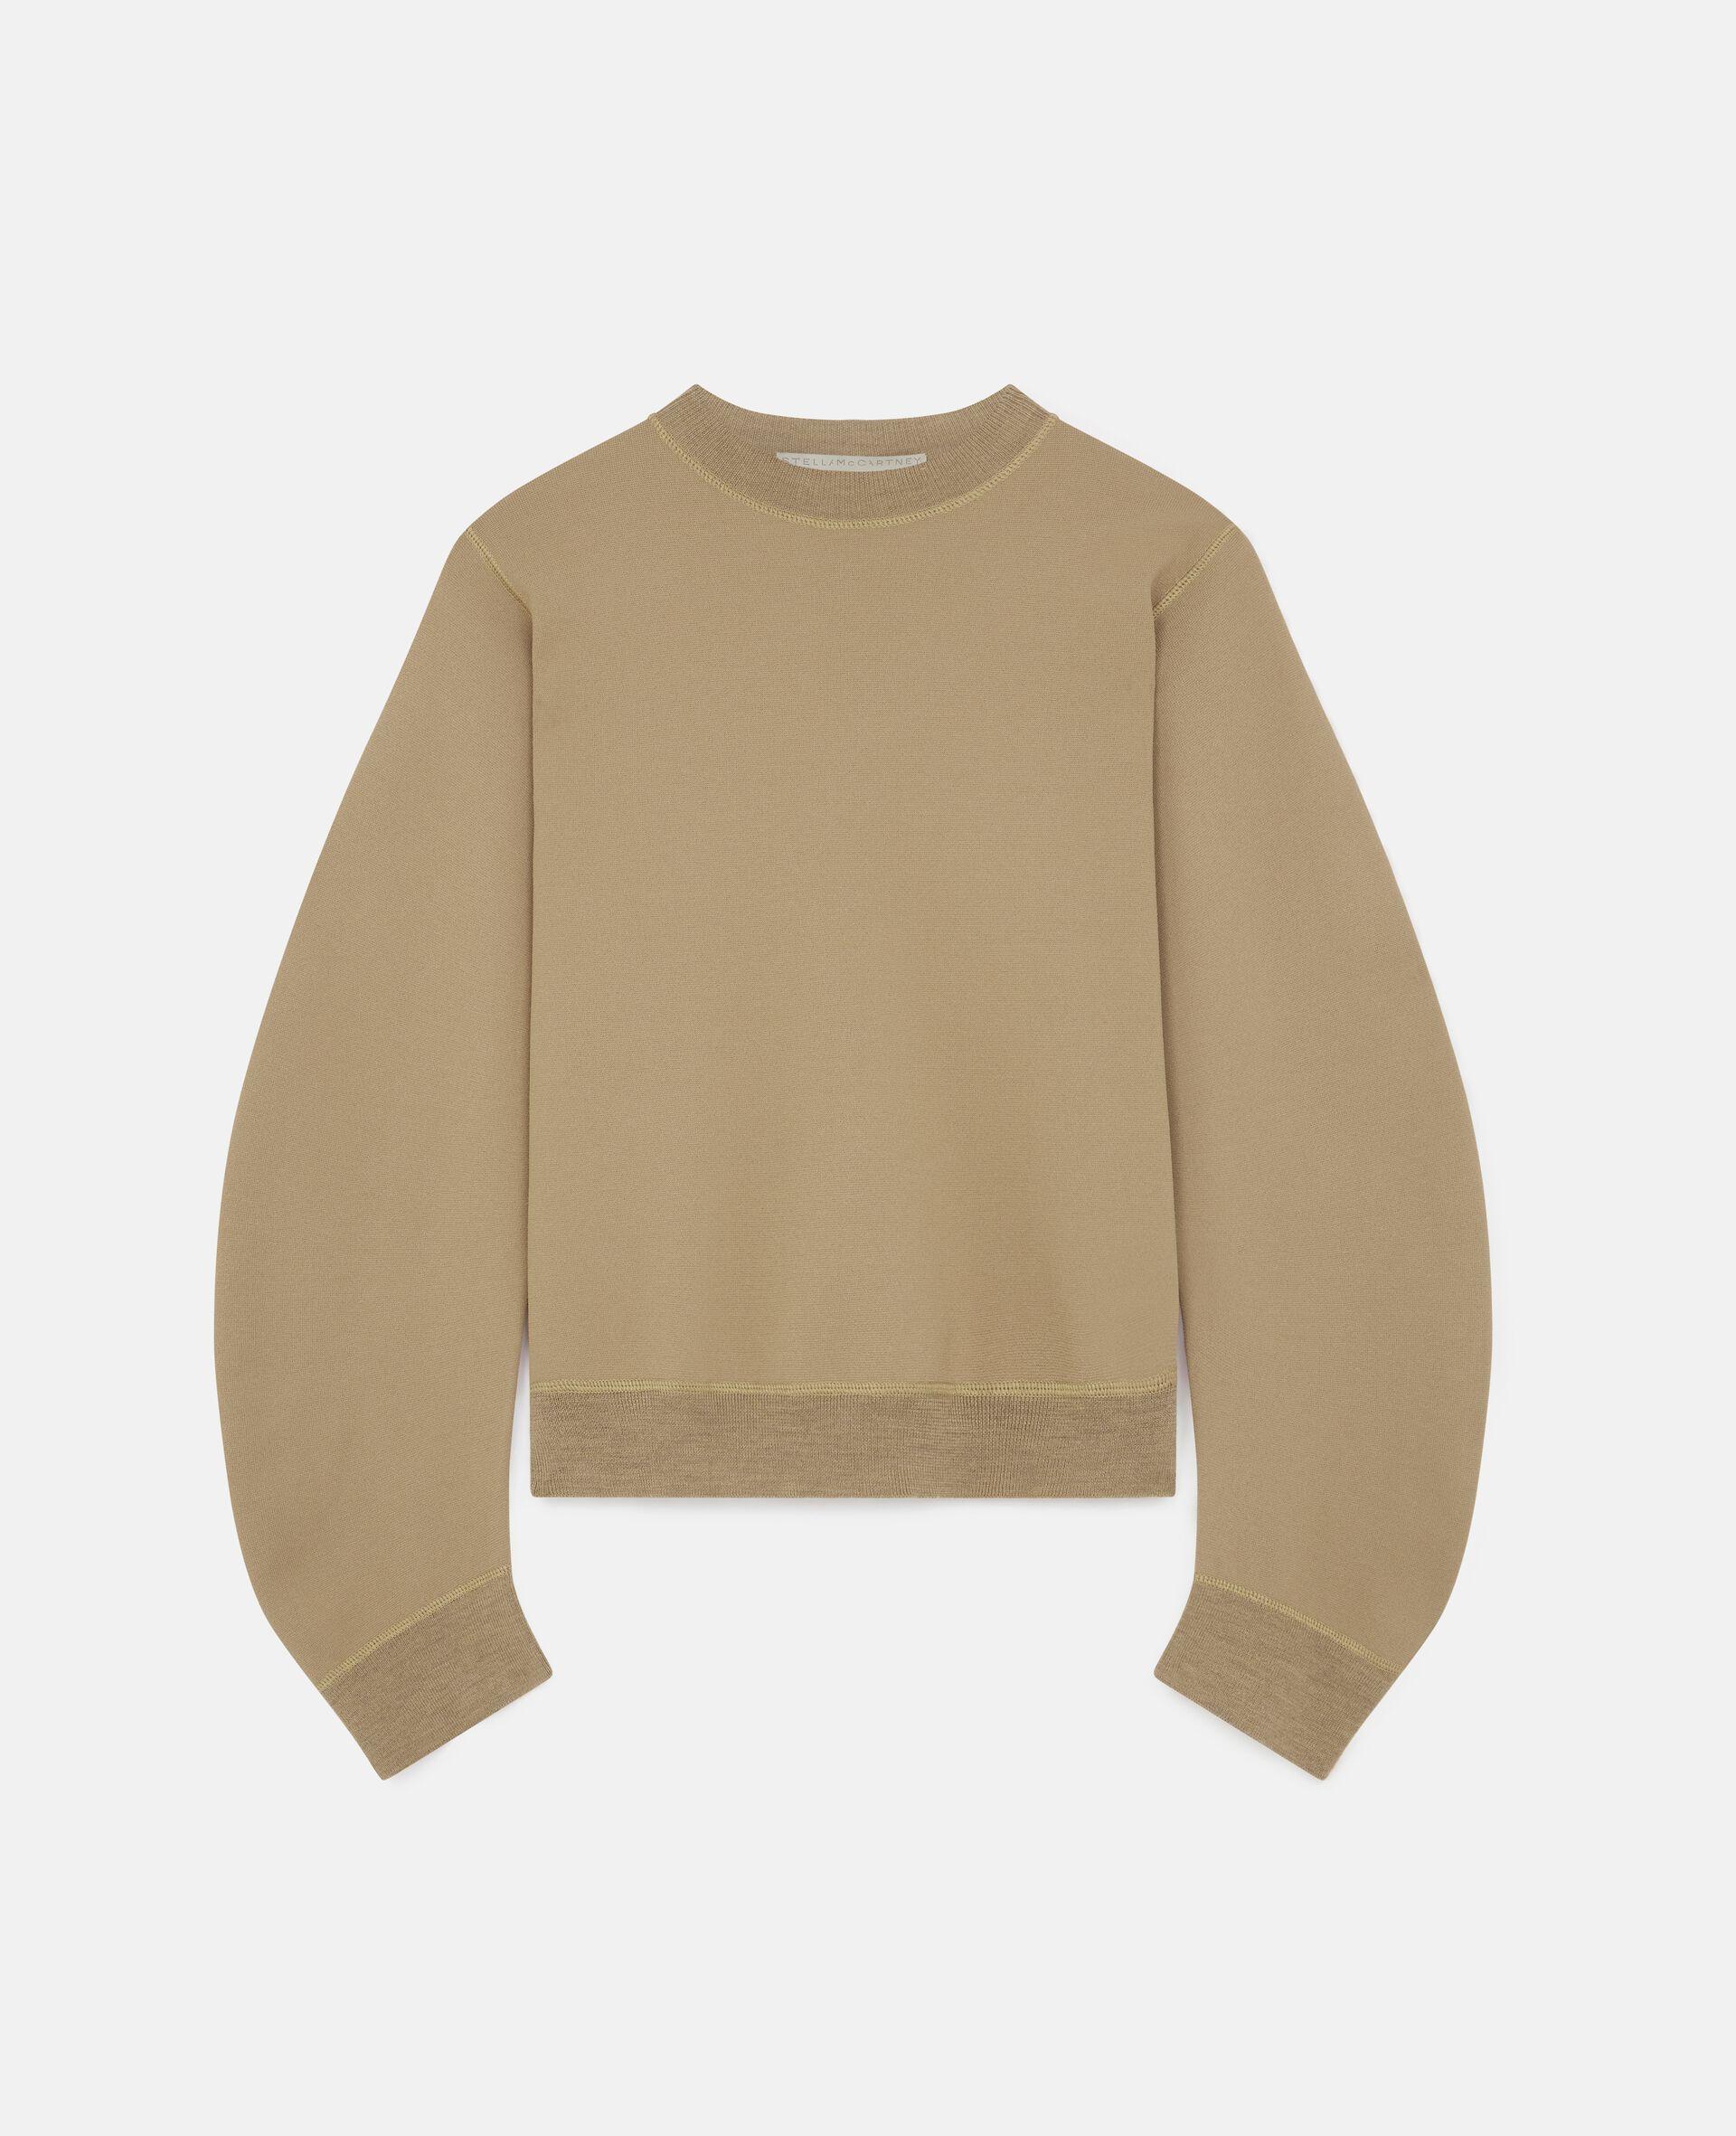 致密针织套衫-棕色-large image number 0